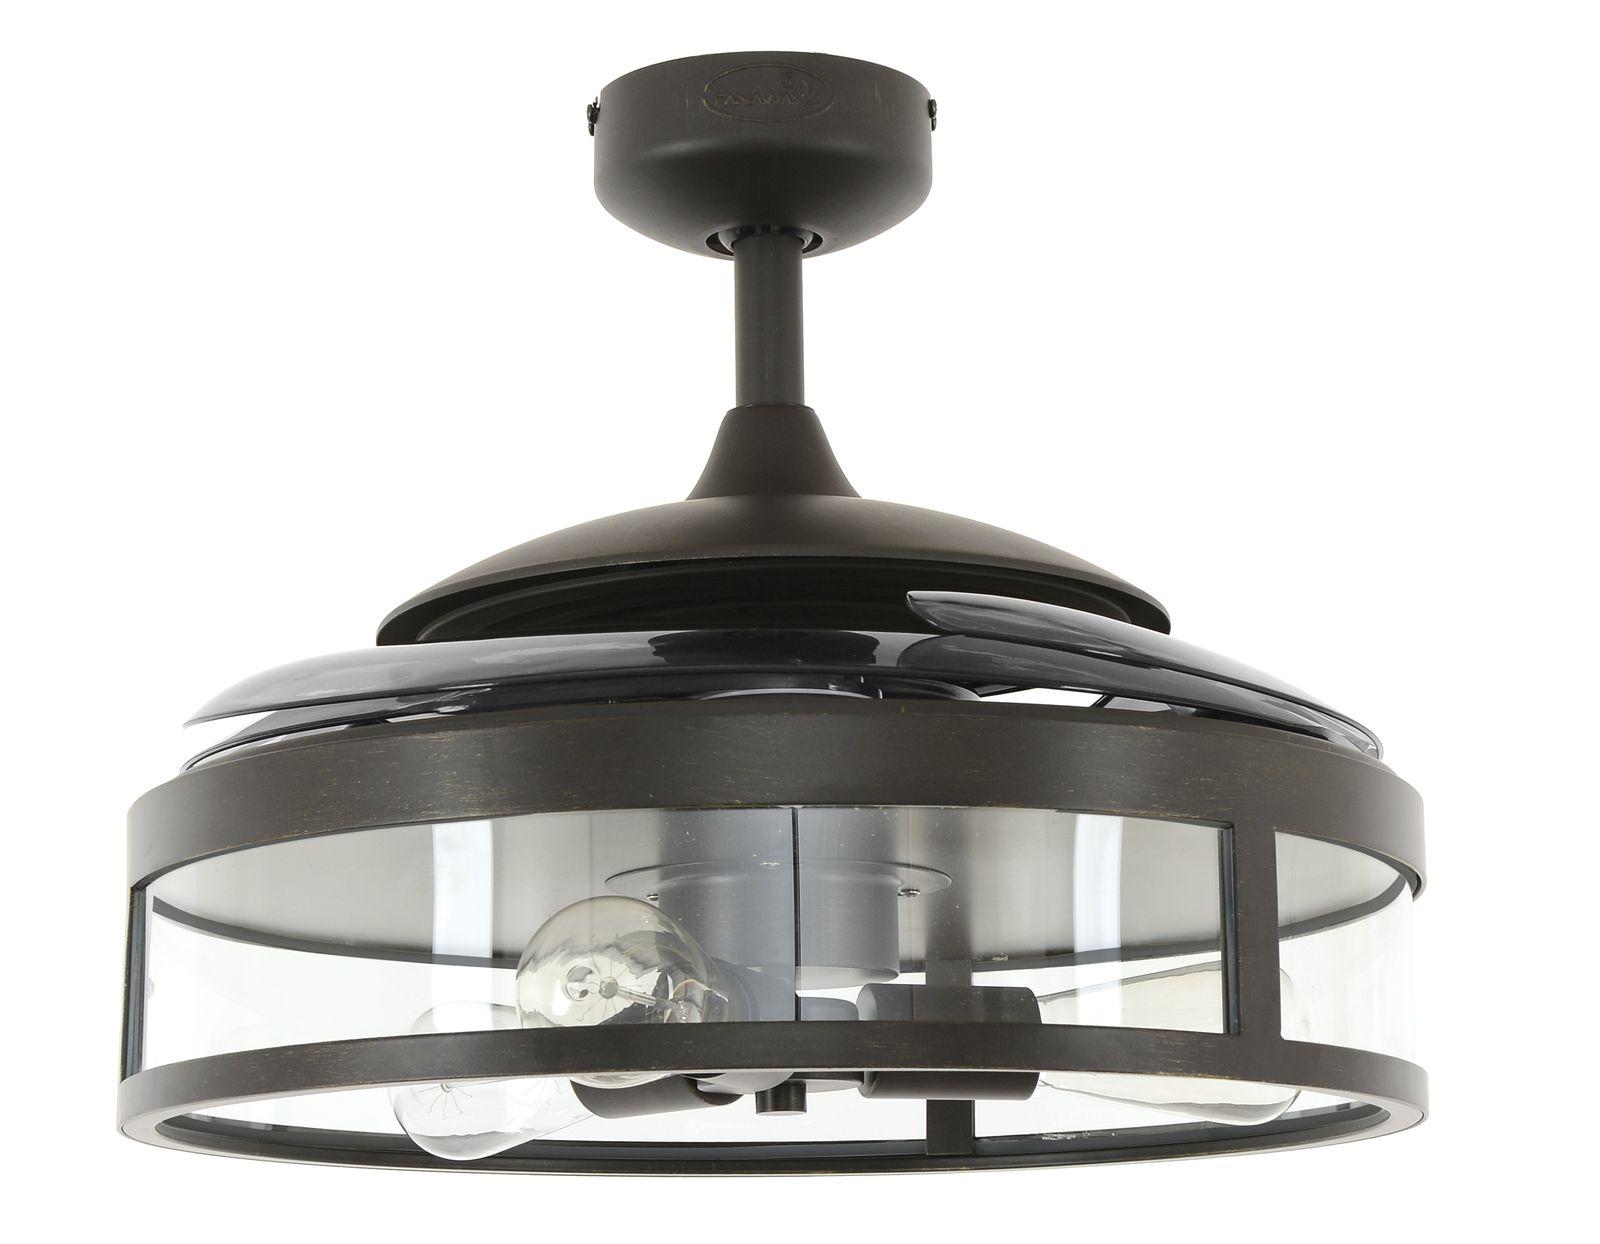 Deckenventilator-Fanaway-Classic-schwarz-mit-ein_1 Fabelhafte Deckenventilator Mit Licht Dekorationen